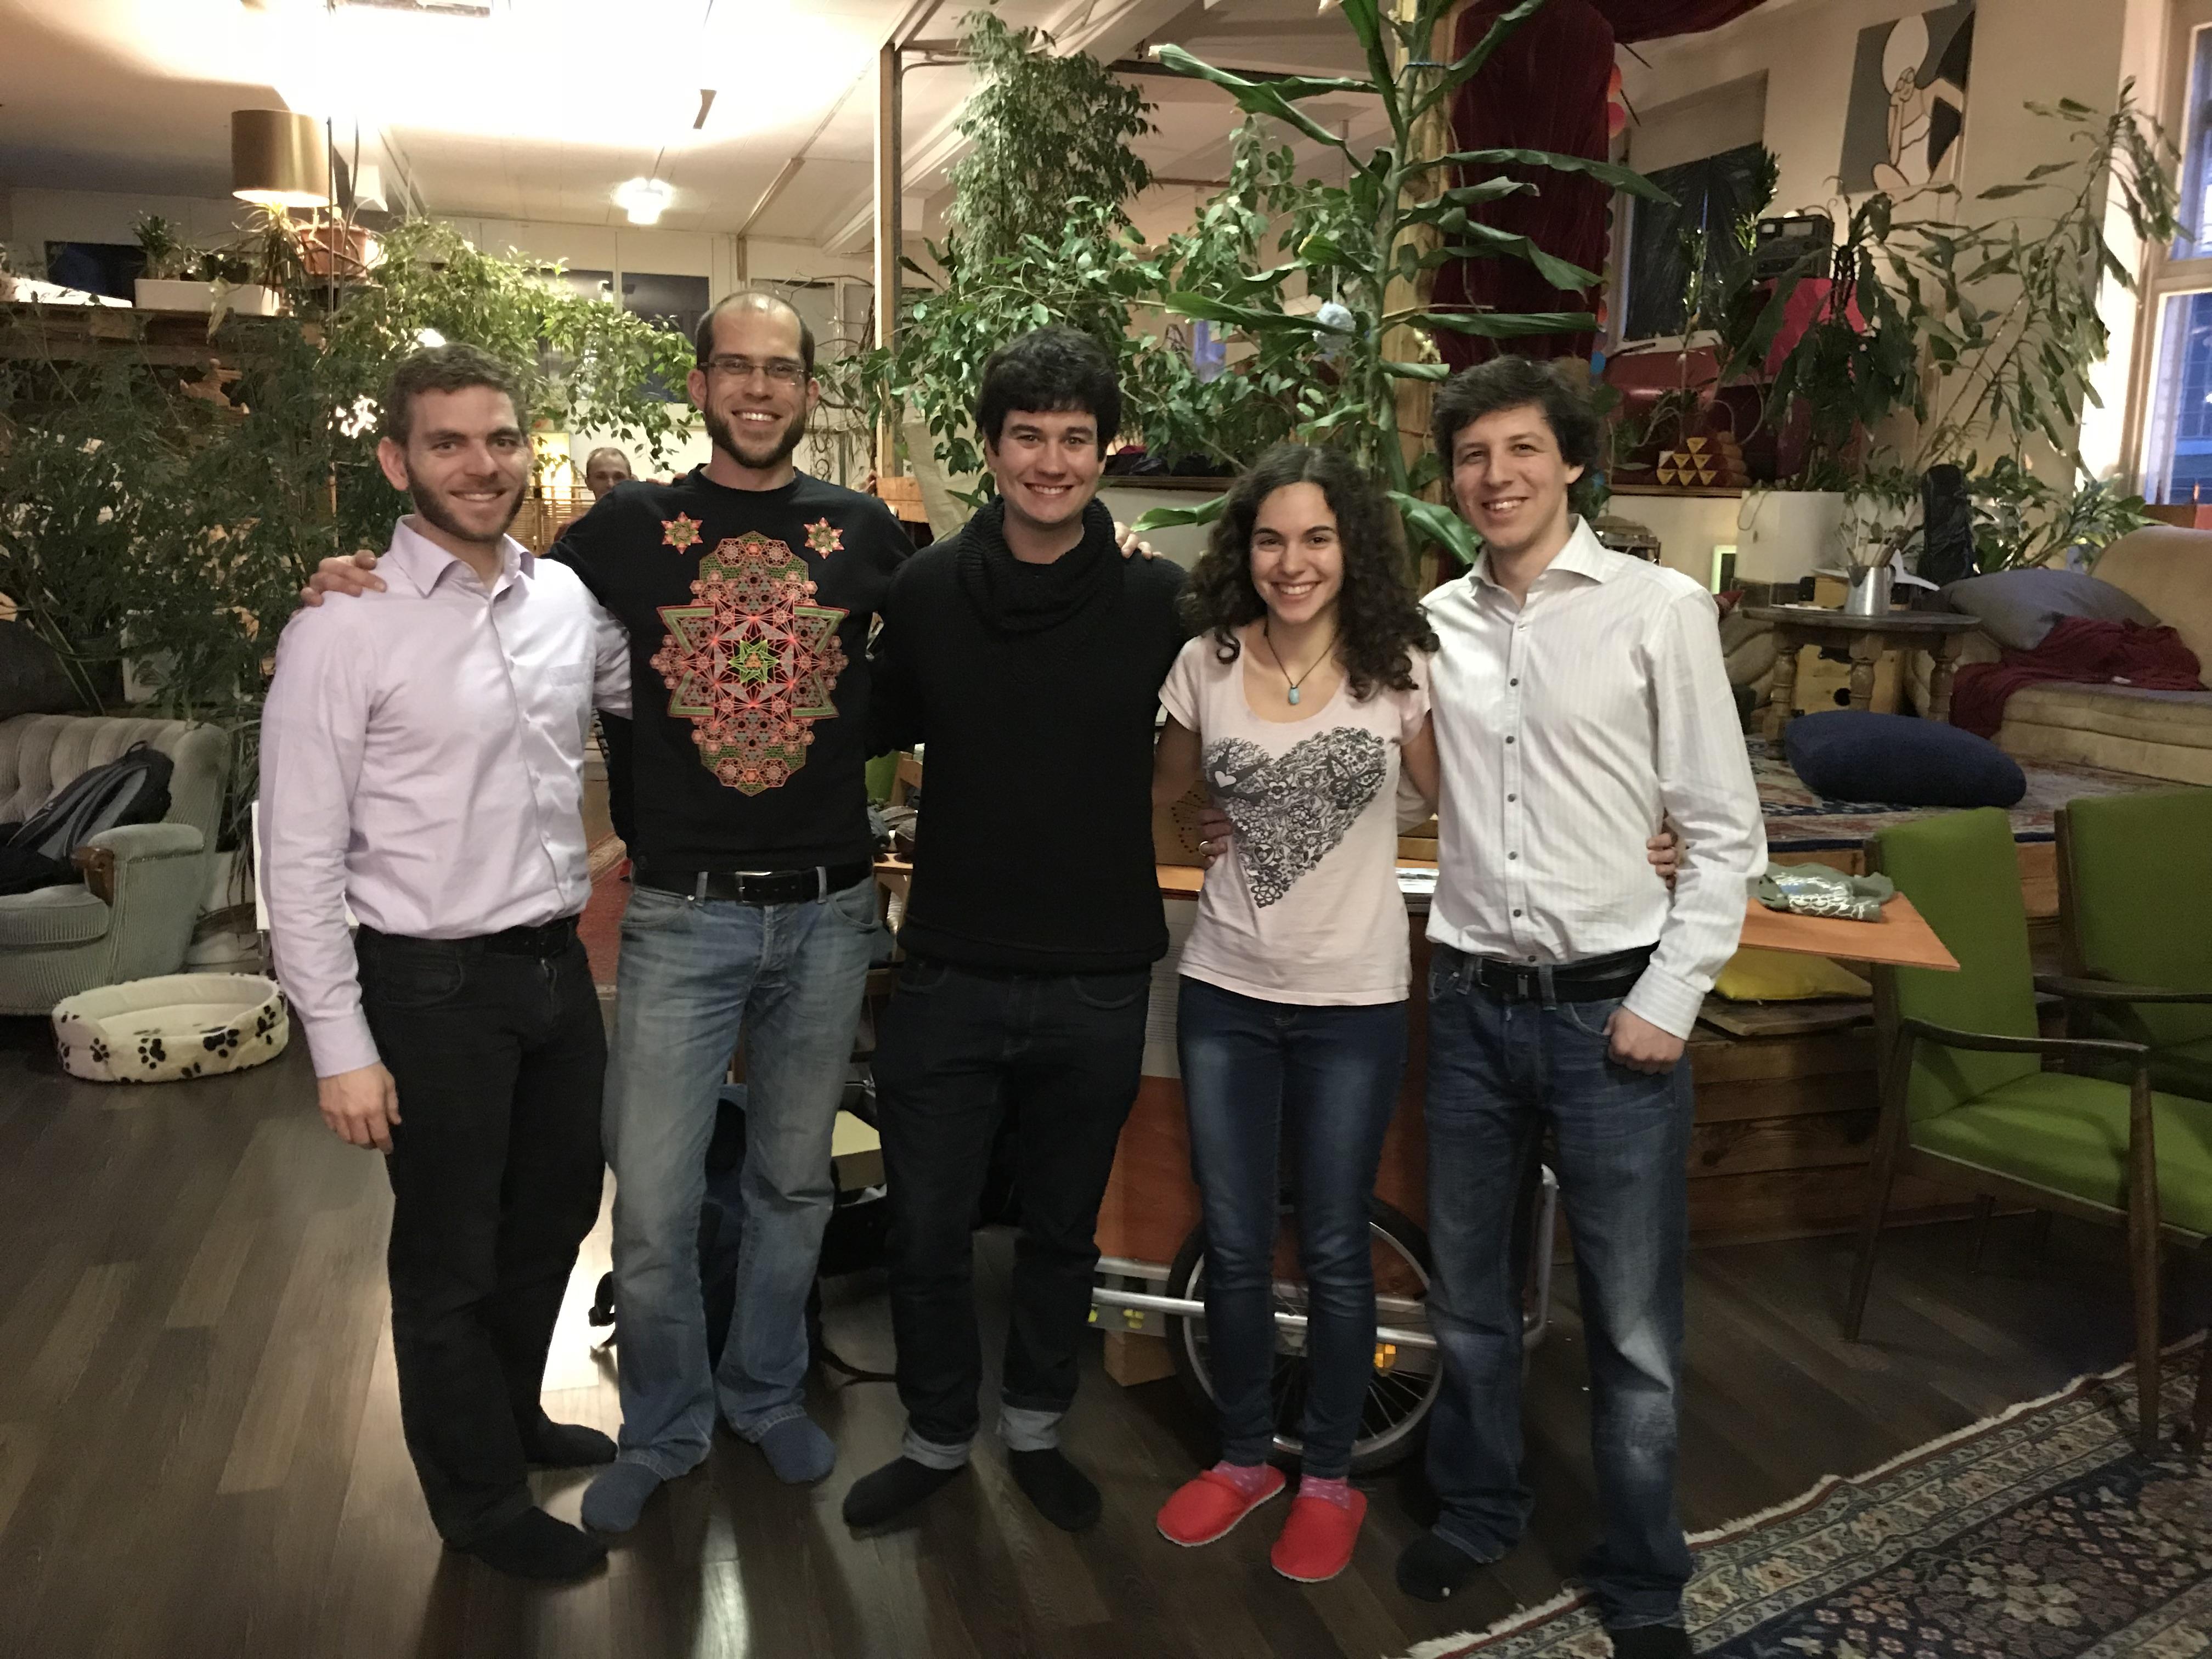 v.l.n.r. Dominic Ziegler (Geschäftsführer von Arbofino), Tobias Schrade (Vize-Präsident), Matthias Lindemer (Mitglied), Marion Seger (Cassière), Kai Reinacher (Präsident)